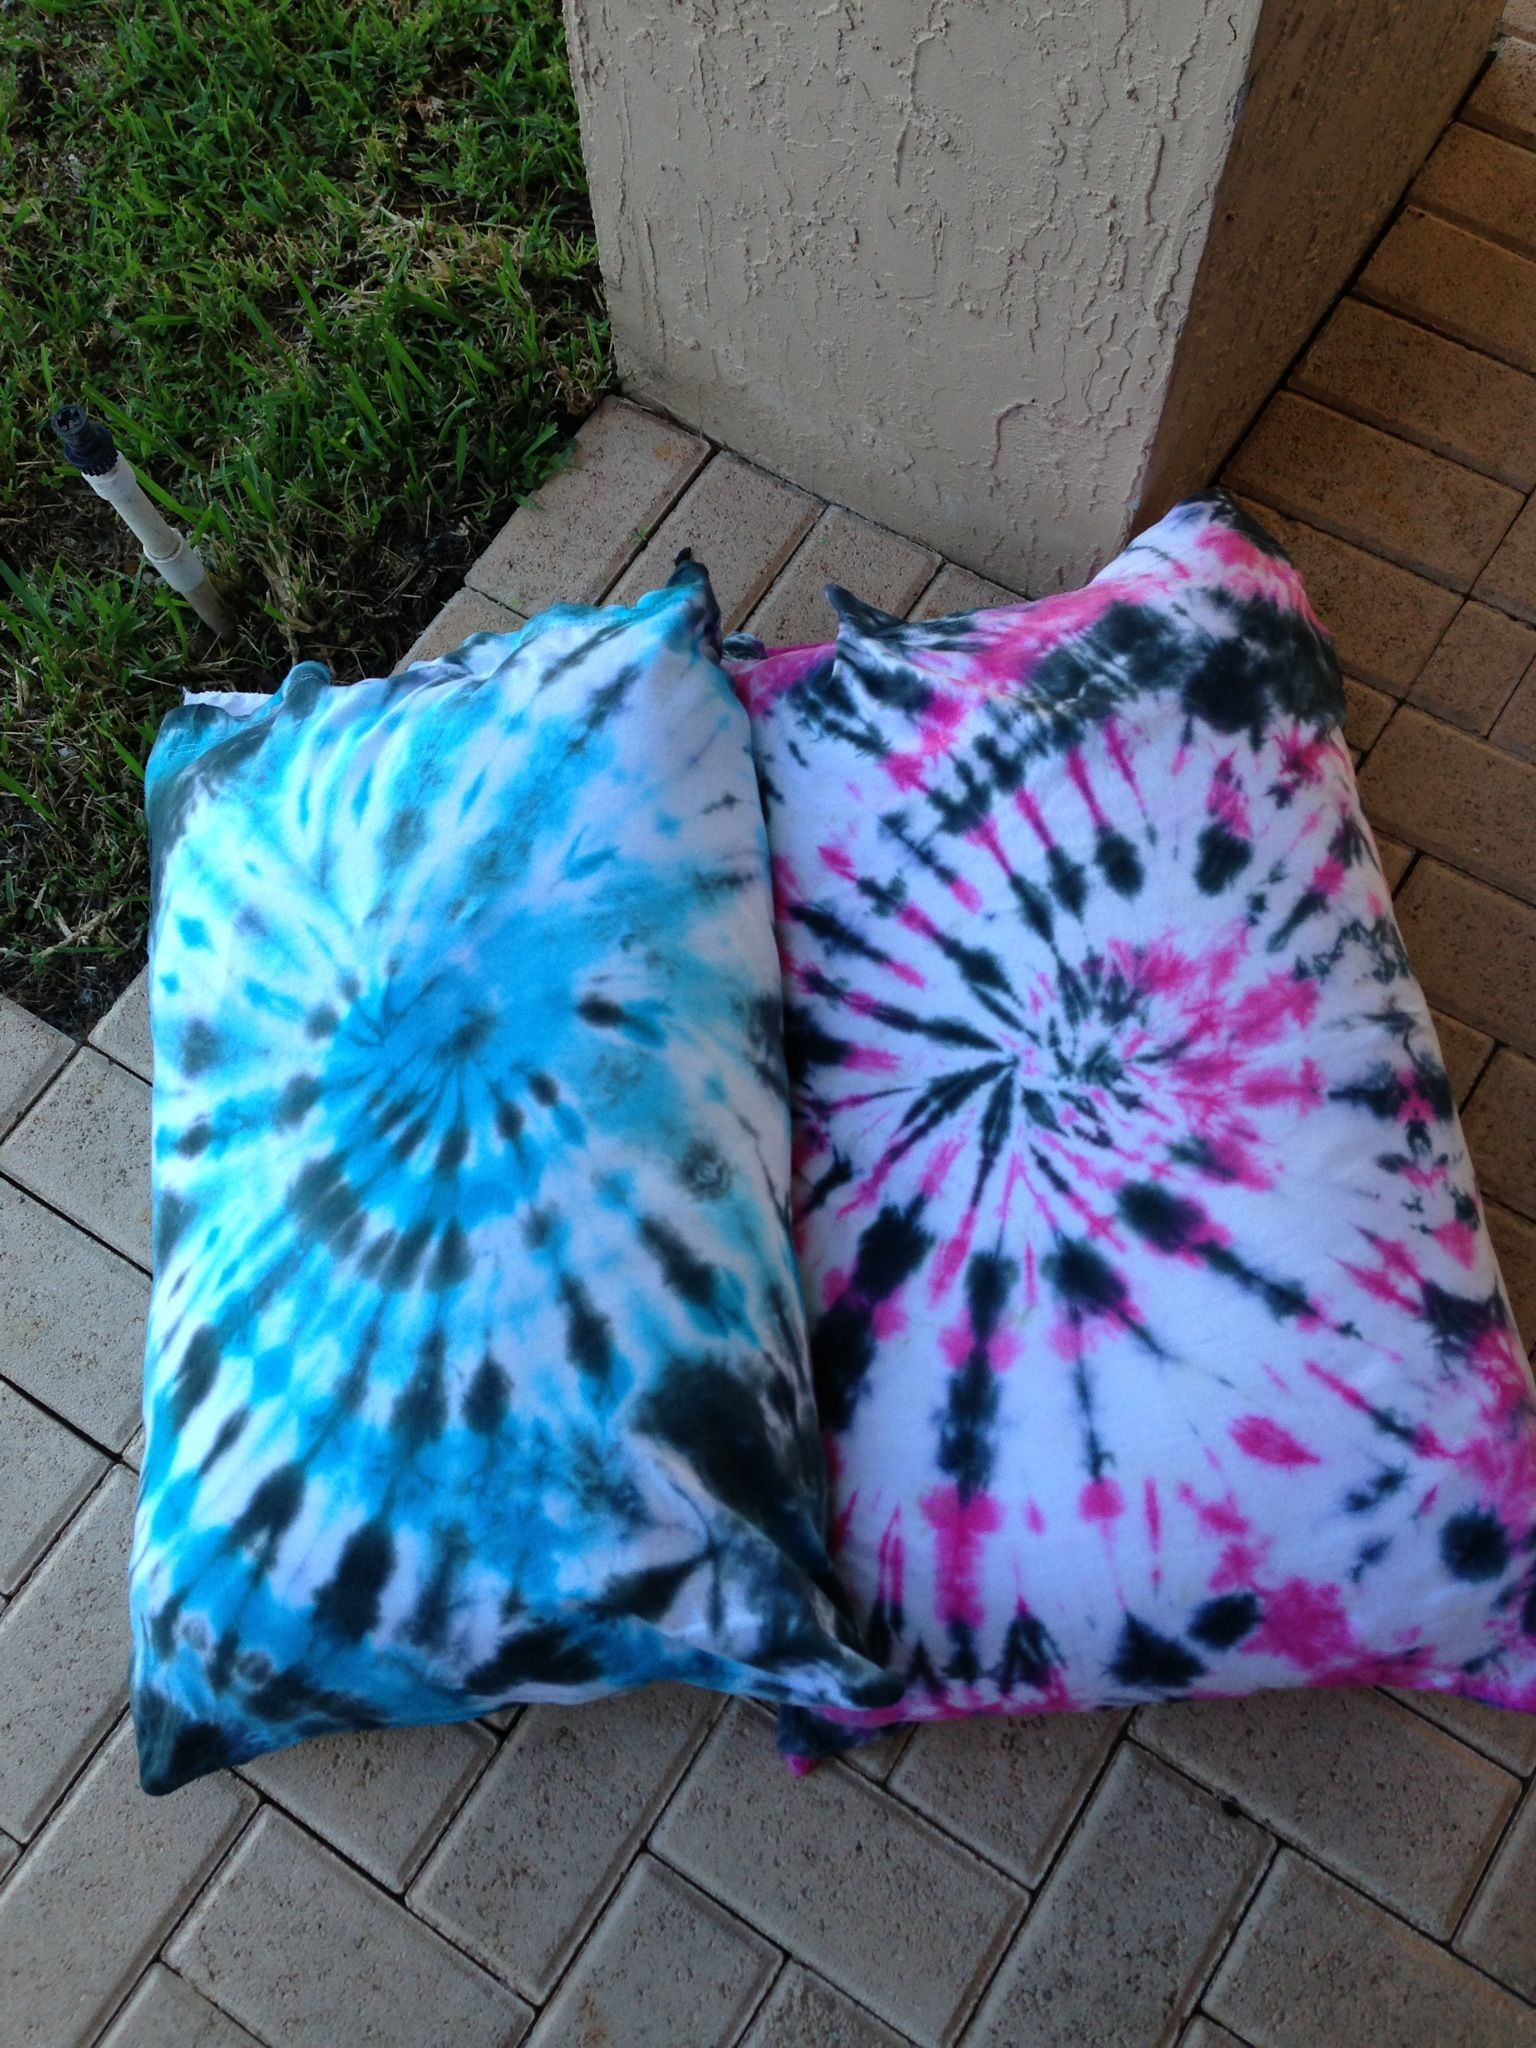 449a929c43430 Tye dye pillow cases | Pillow cases | Diy tie dye pillow, Tie dye ...